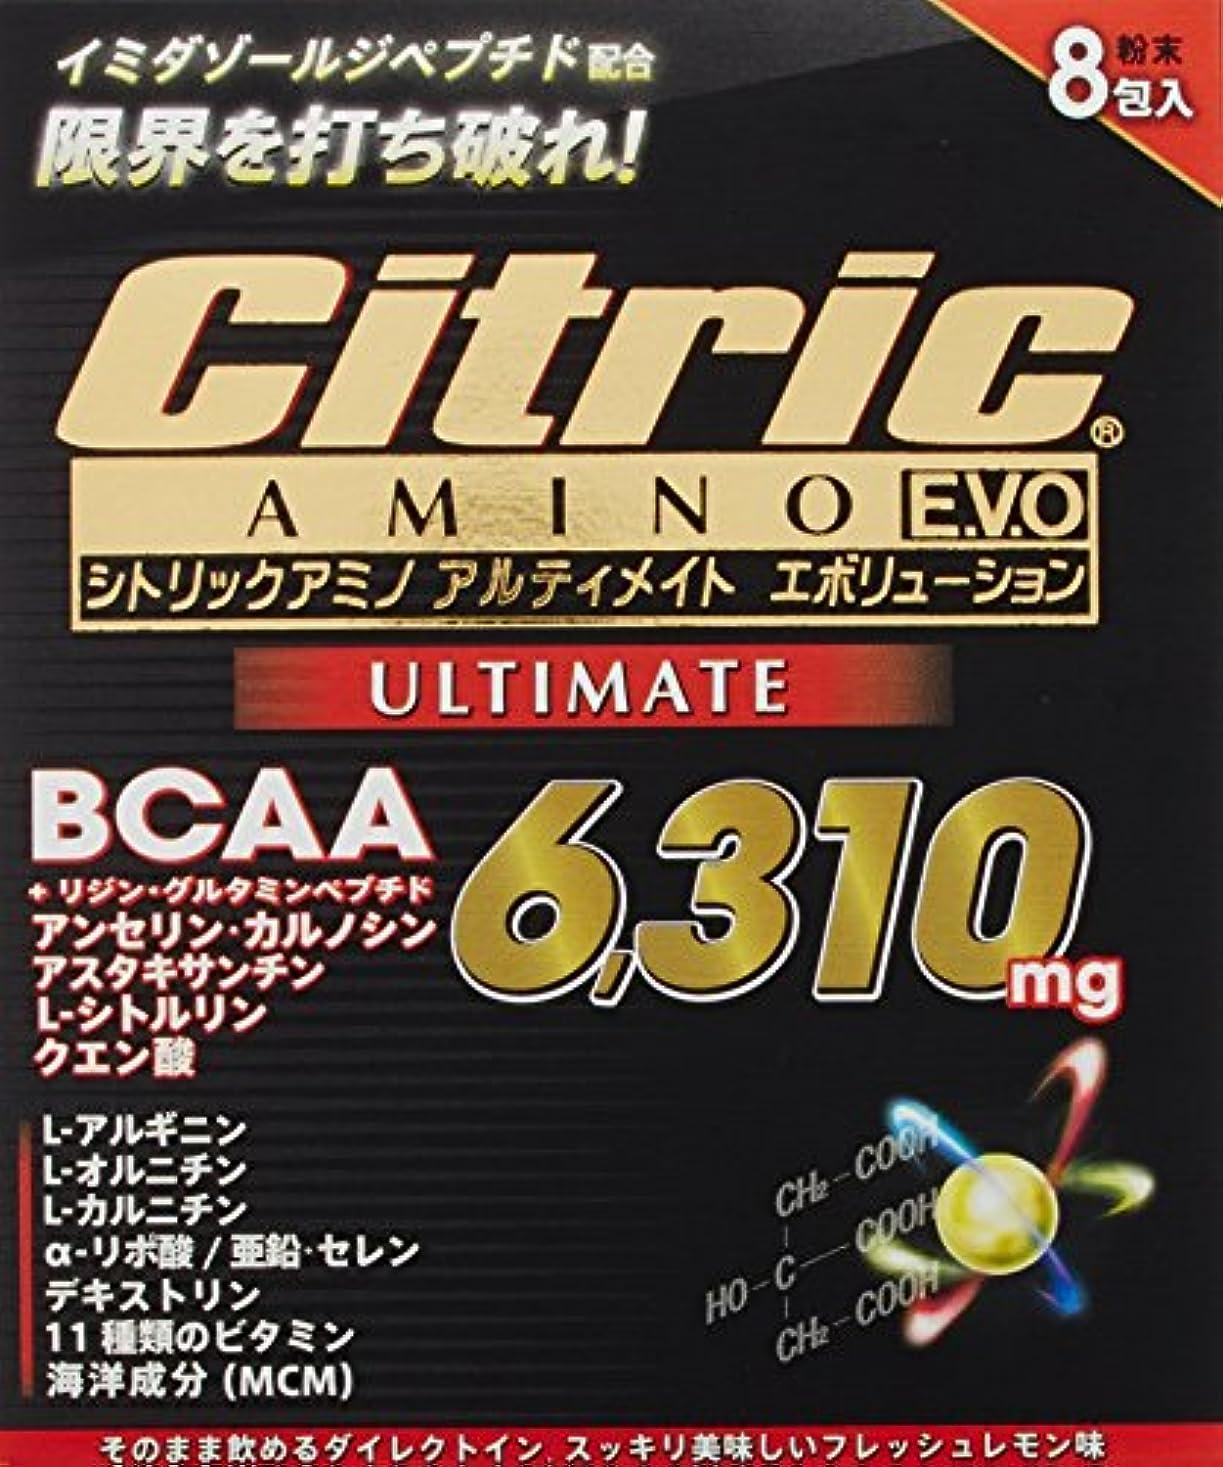 送ったエール提案シトリックアミノ(Citric AMINO) (アスリート向け) アルティメイト エボリューション 7.5g×8袋入  5279